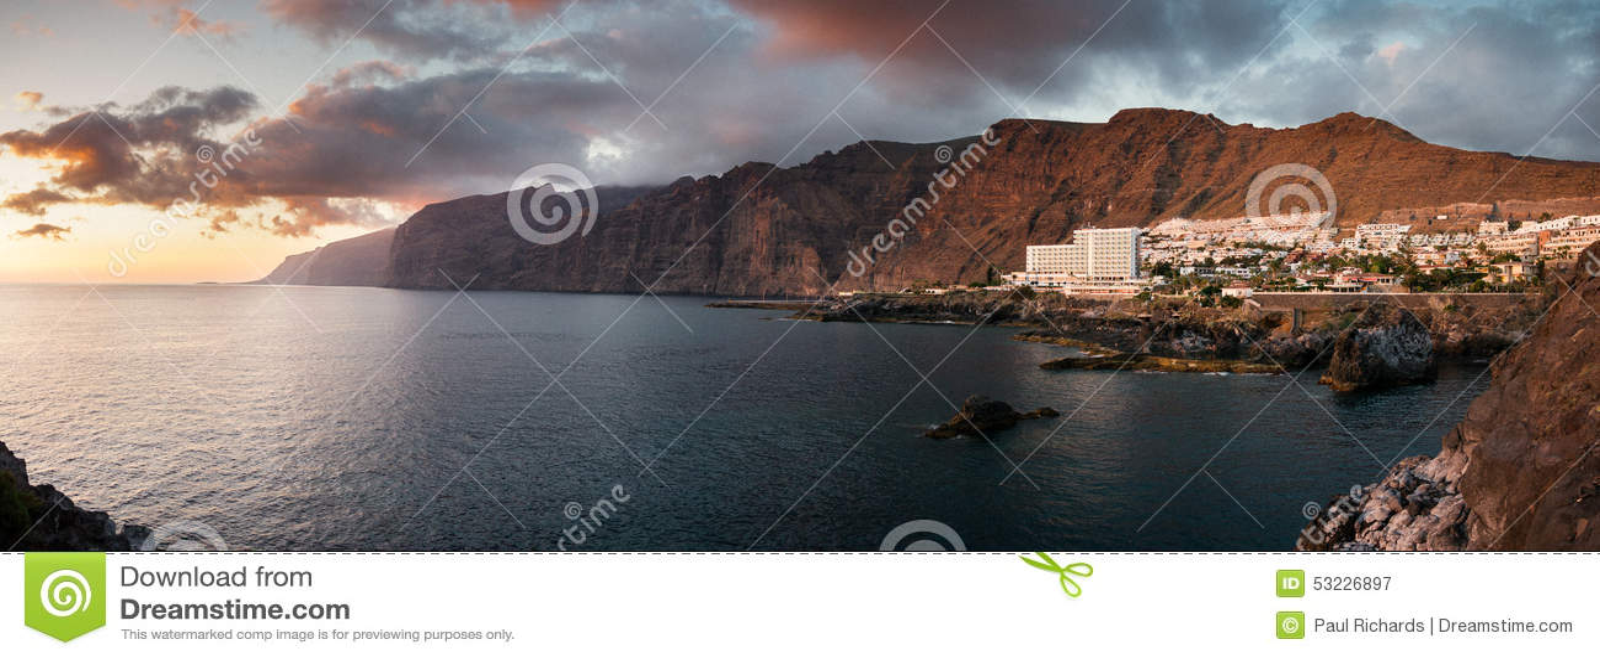 Los Gigantes, Tenerife